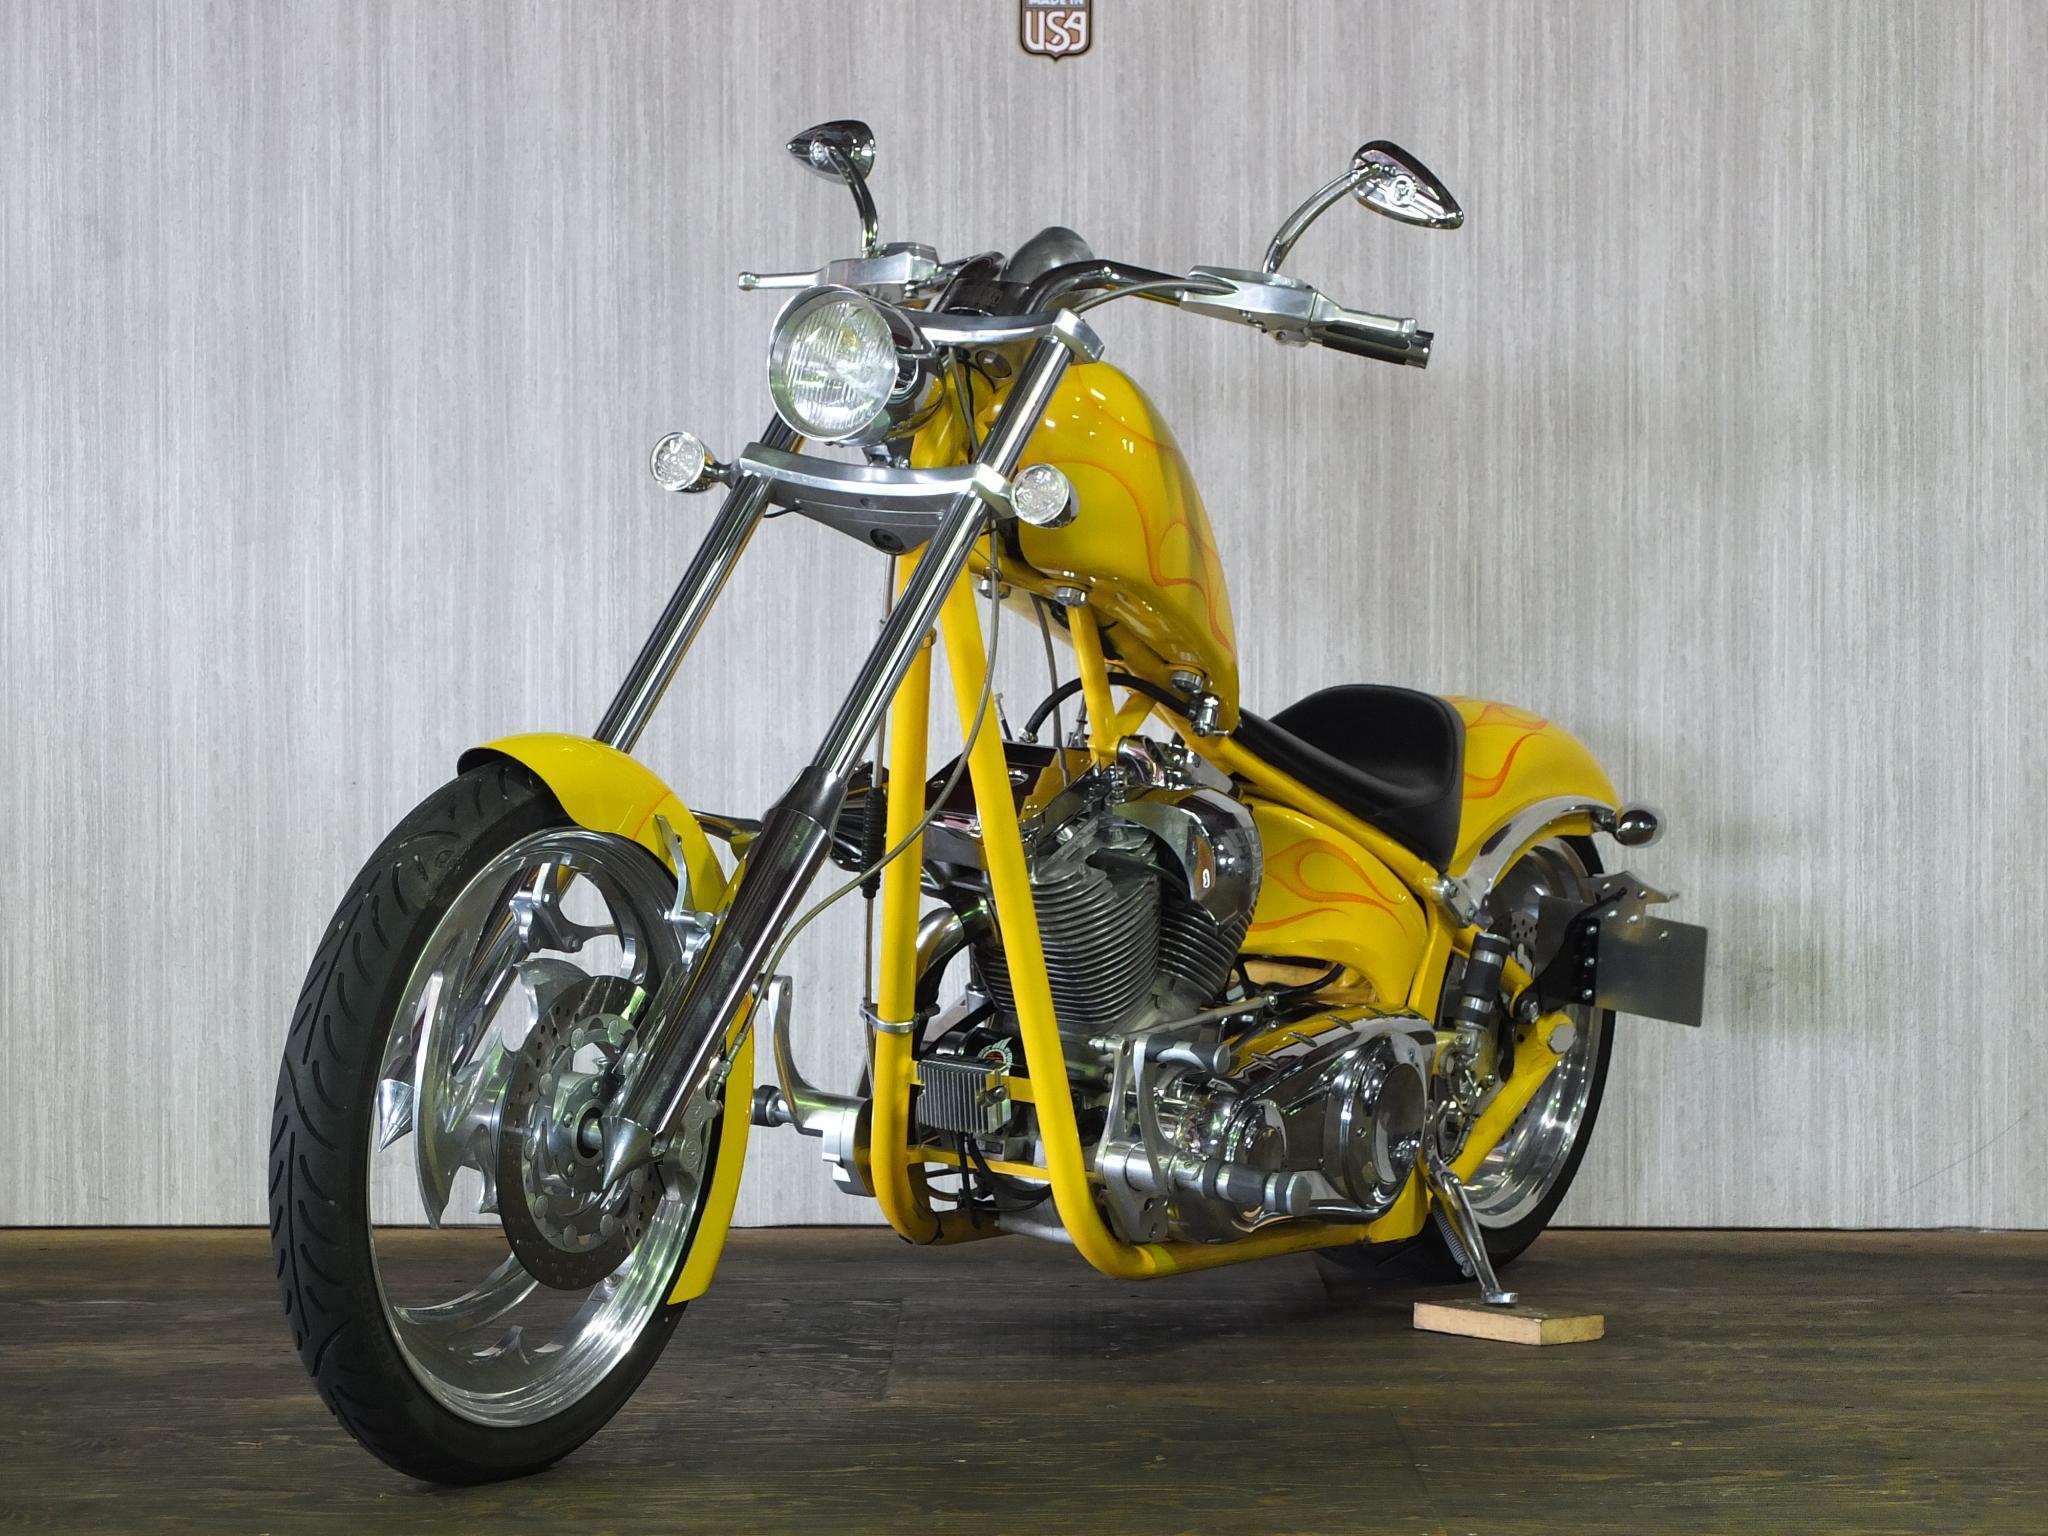 ハーレーダビッドソン 2005 Big Dog Chopper 車体写真5